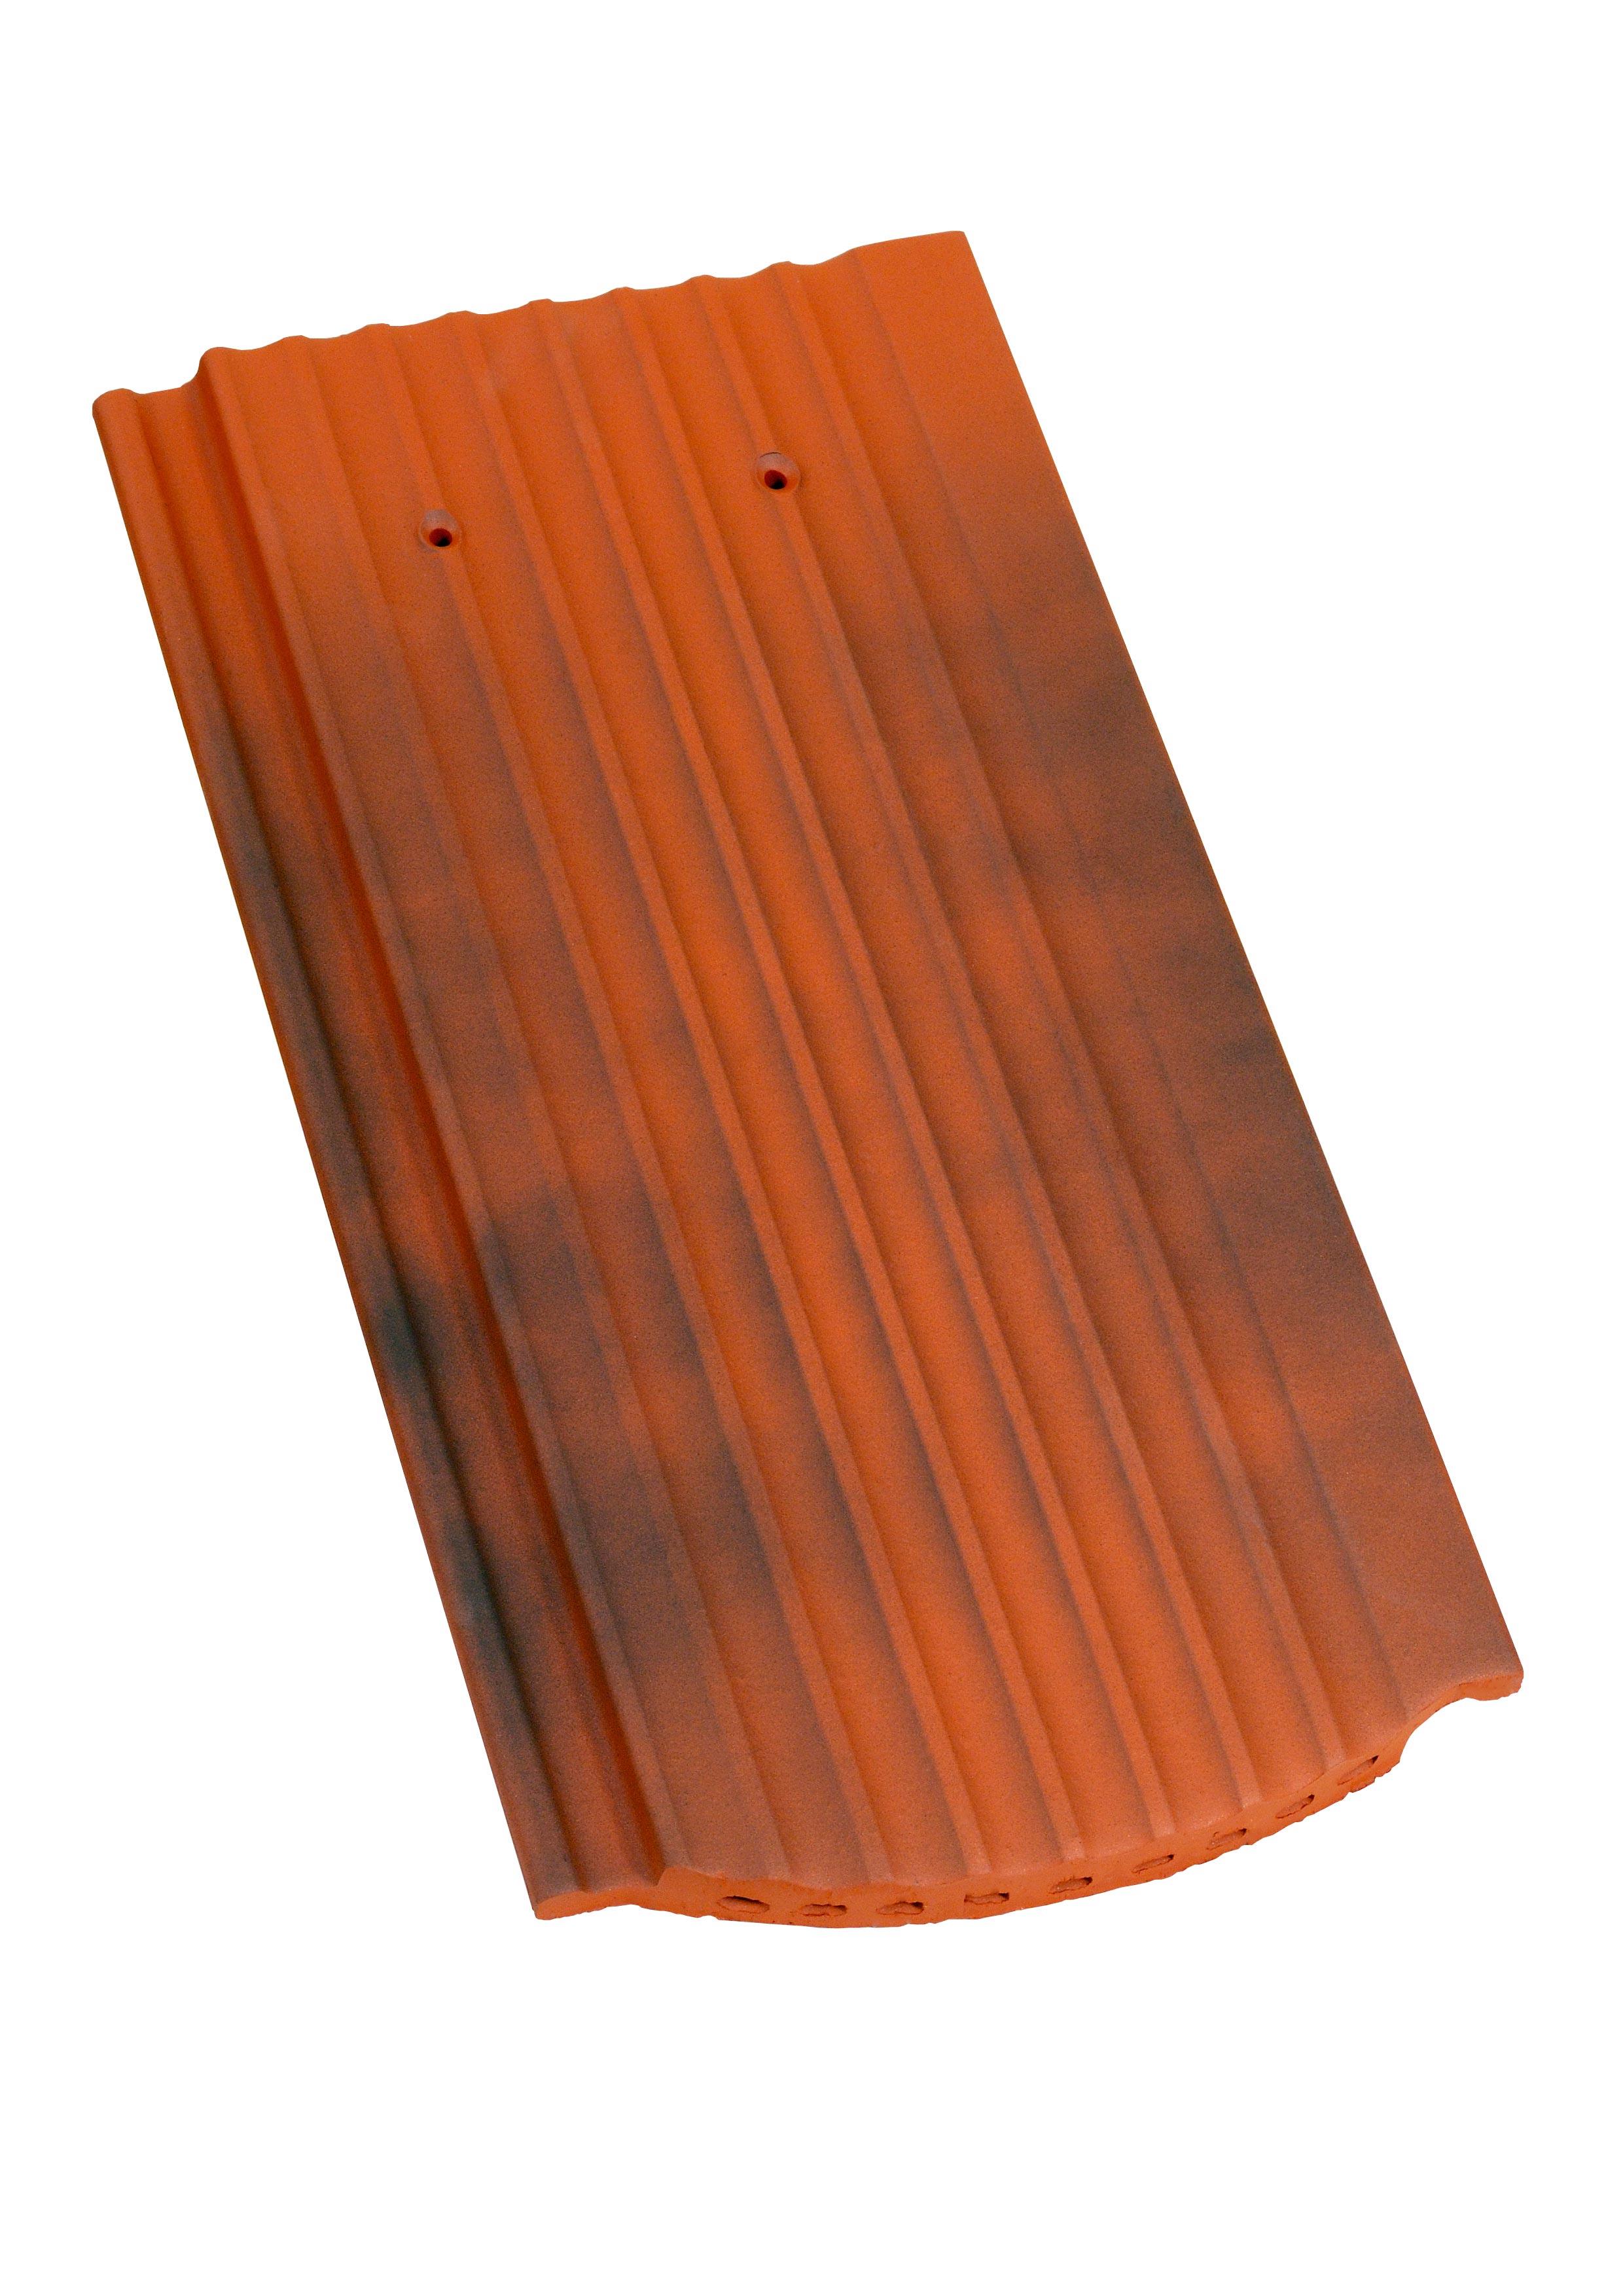 Creaton Hortobágy Profil Hornyolt szegmensvágású antik engóbozott tetőcserép